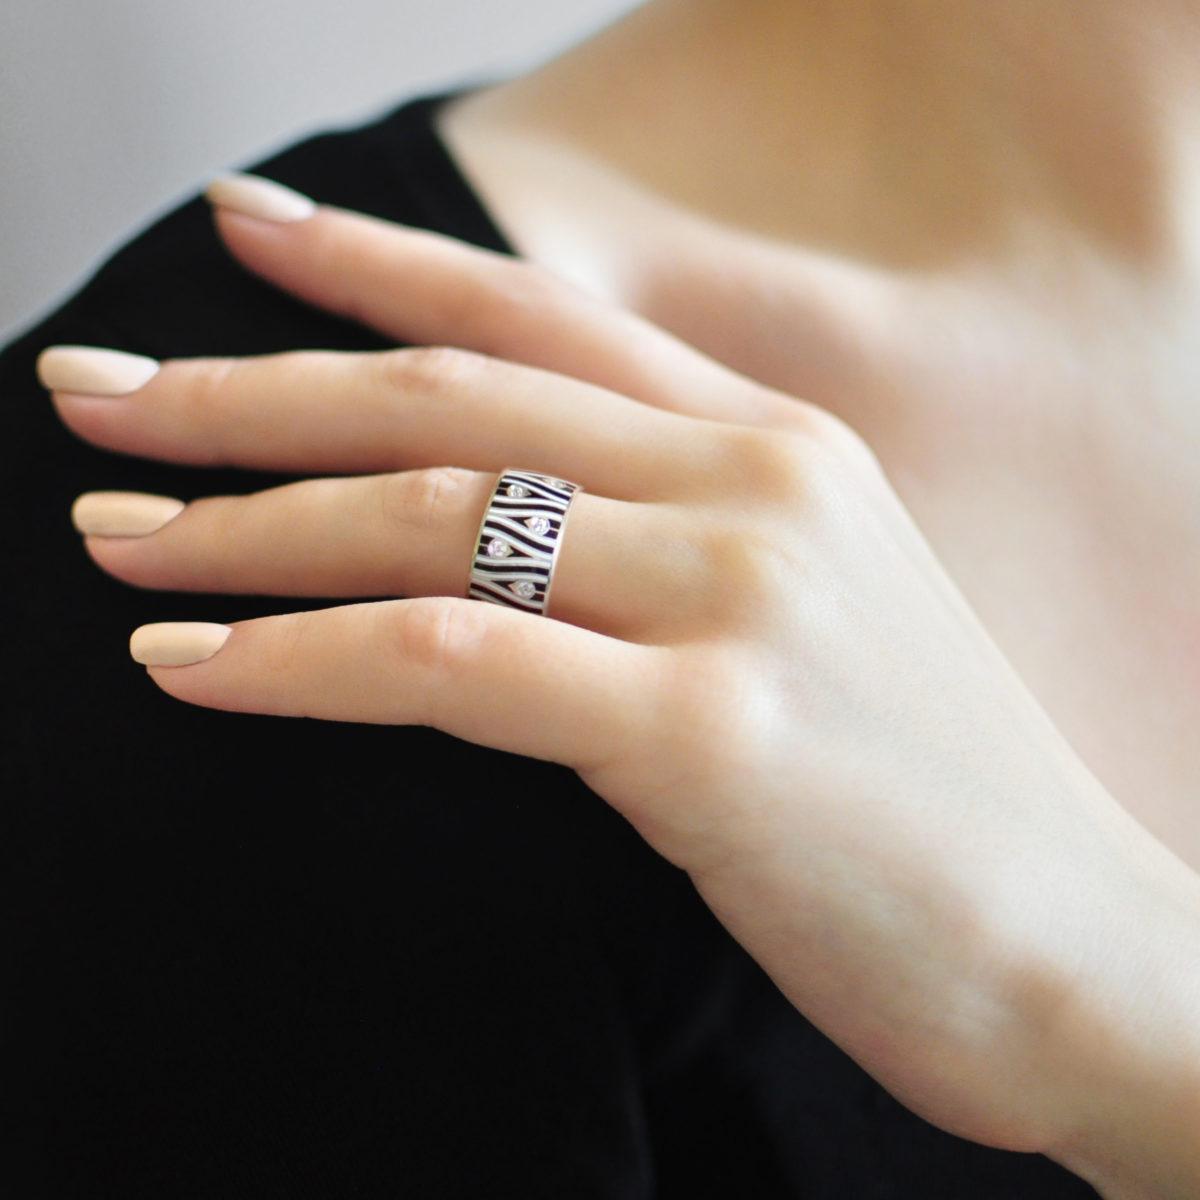 Serebro cherno belaya 2 1200x1200 - Кольцо «Модерн. Перо павлина», черно-белое с фианитами